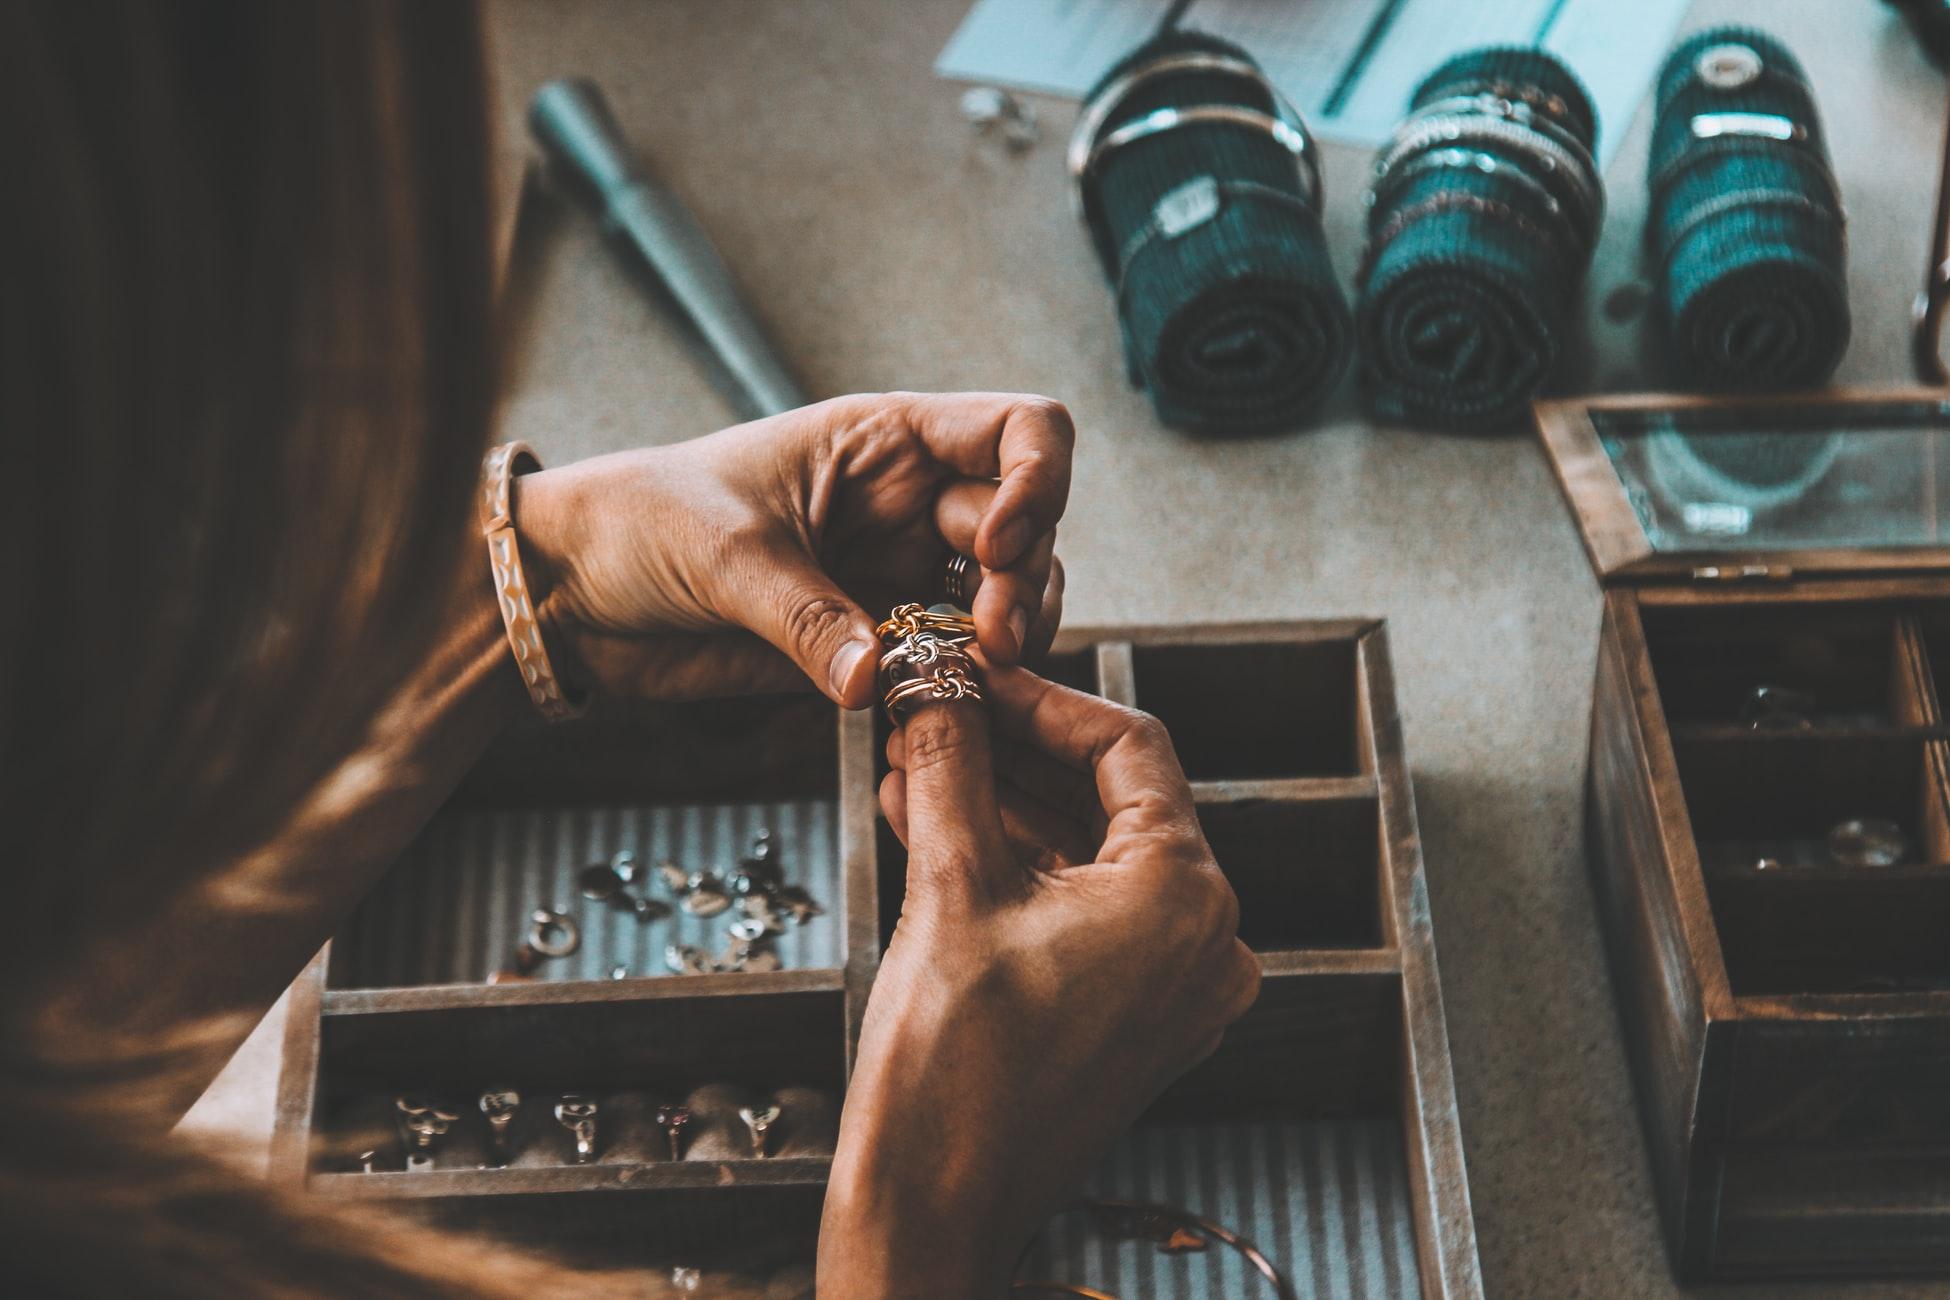 Stojan na šperky má designovou, ale také praktickou funkci. Jak vybrat ten nejlepší?